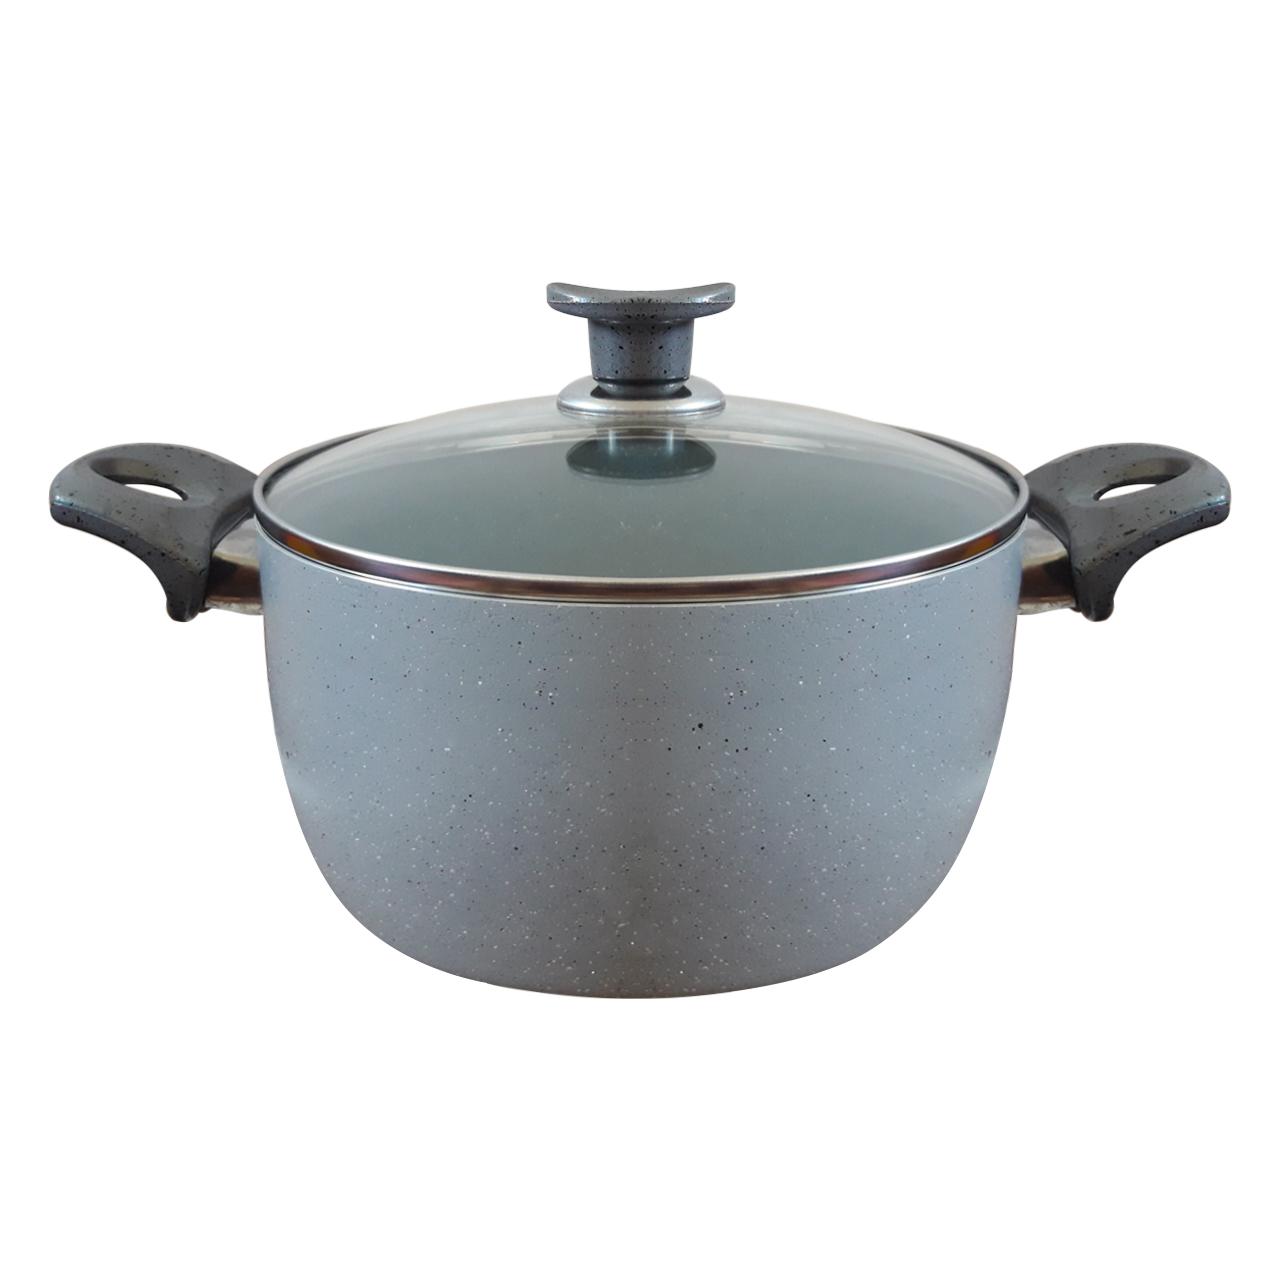 سرویس پخت و پز 7 پارچه هاناتک کد T5020